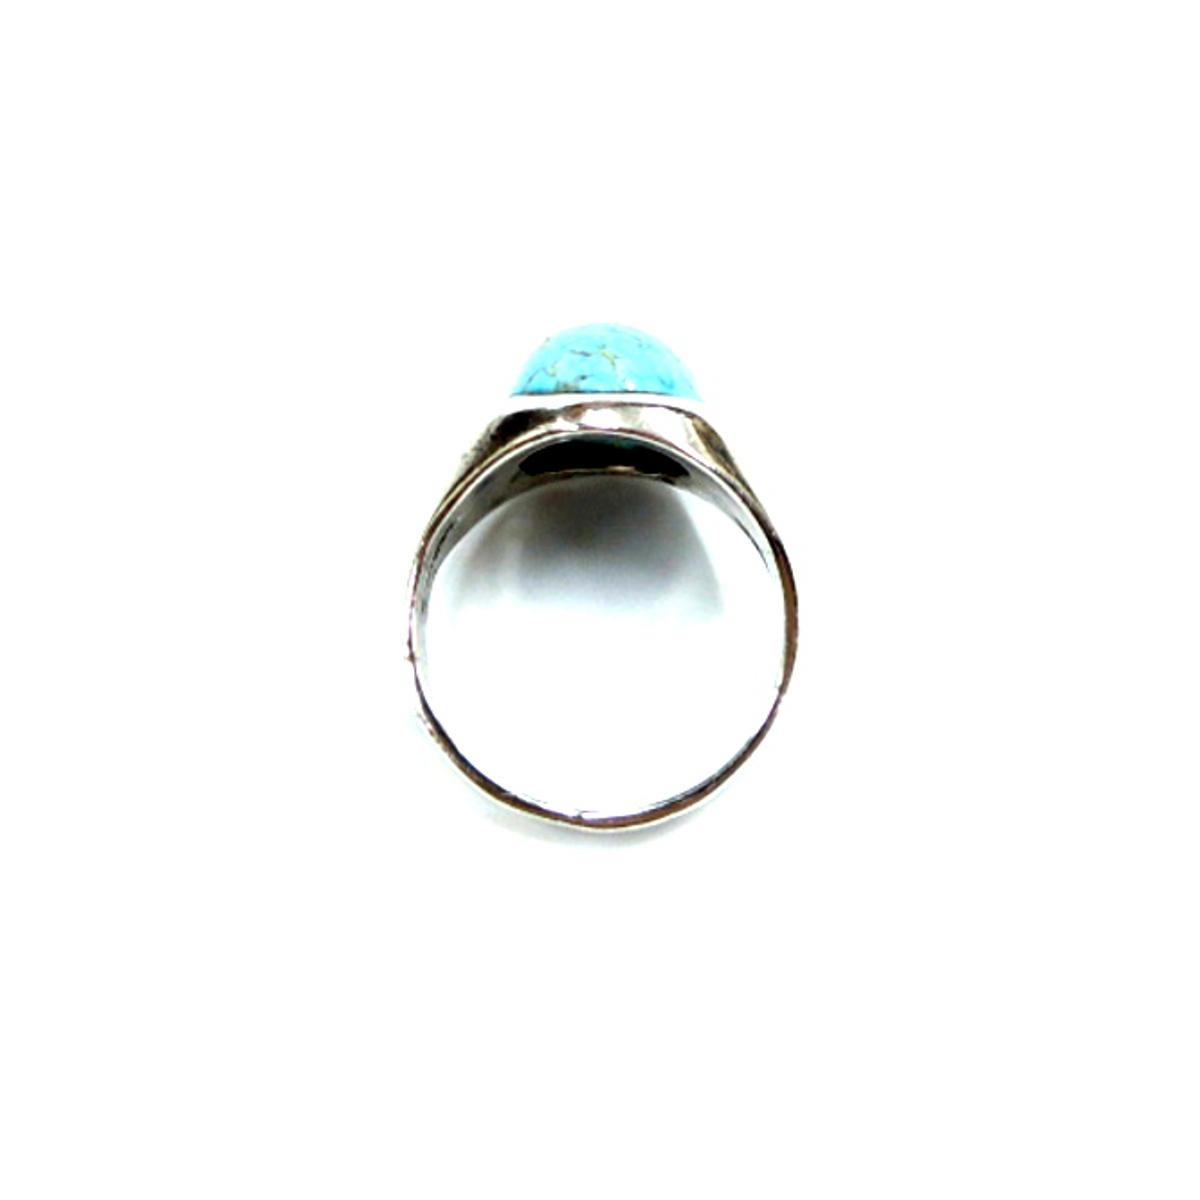 ☆送料無料☆ ビンテージ シルバー 925 メキシコ メキシカン リング インディアン ジュエリー ネイティブ レディース 指輪 アクセサリー_画像5